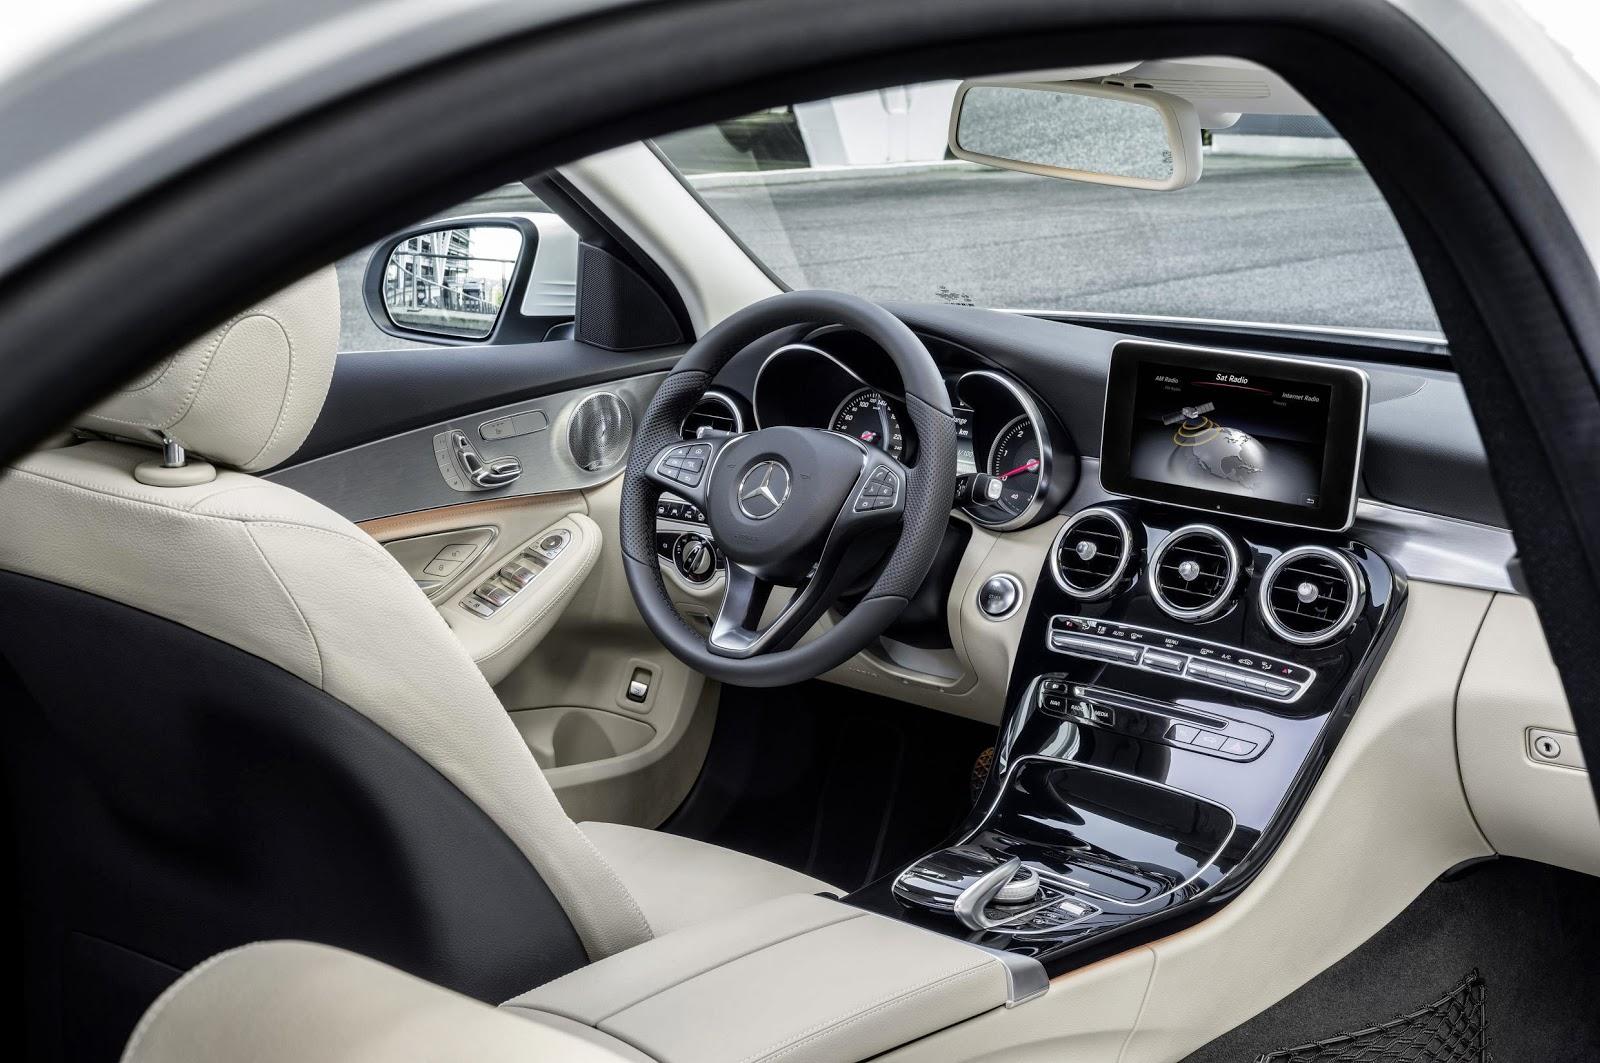 2014 Mercedes C-Class interior